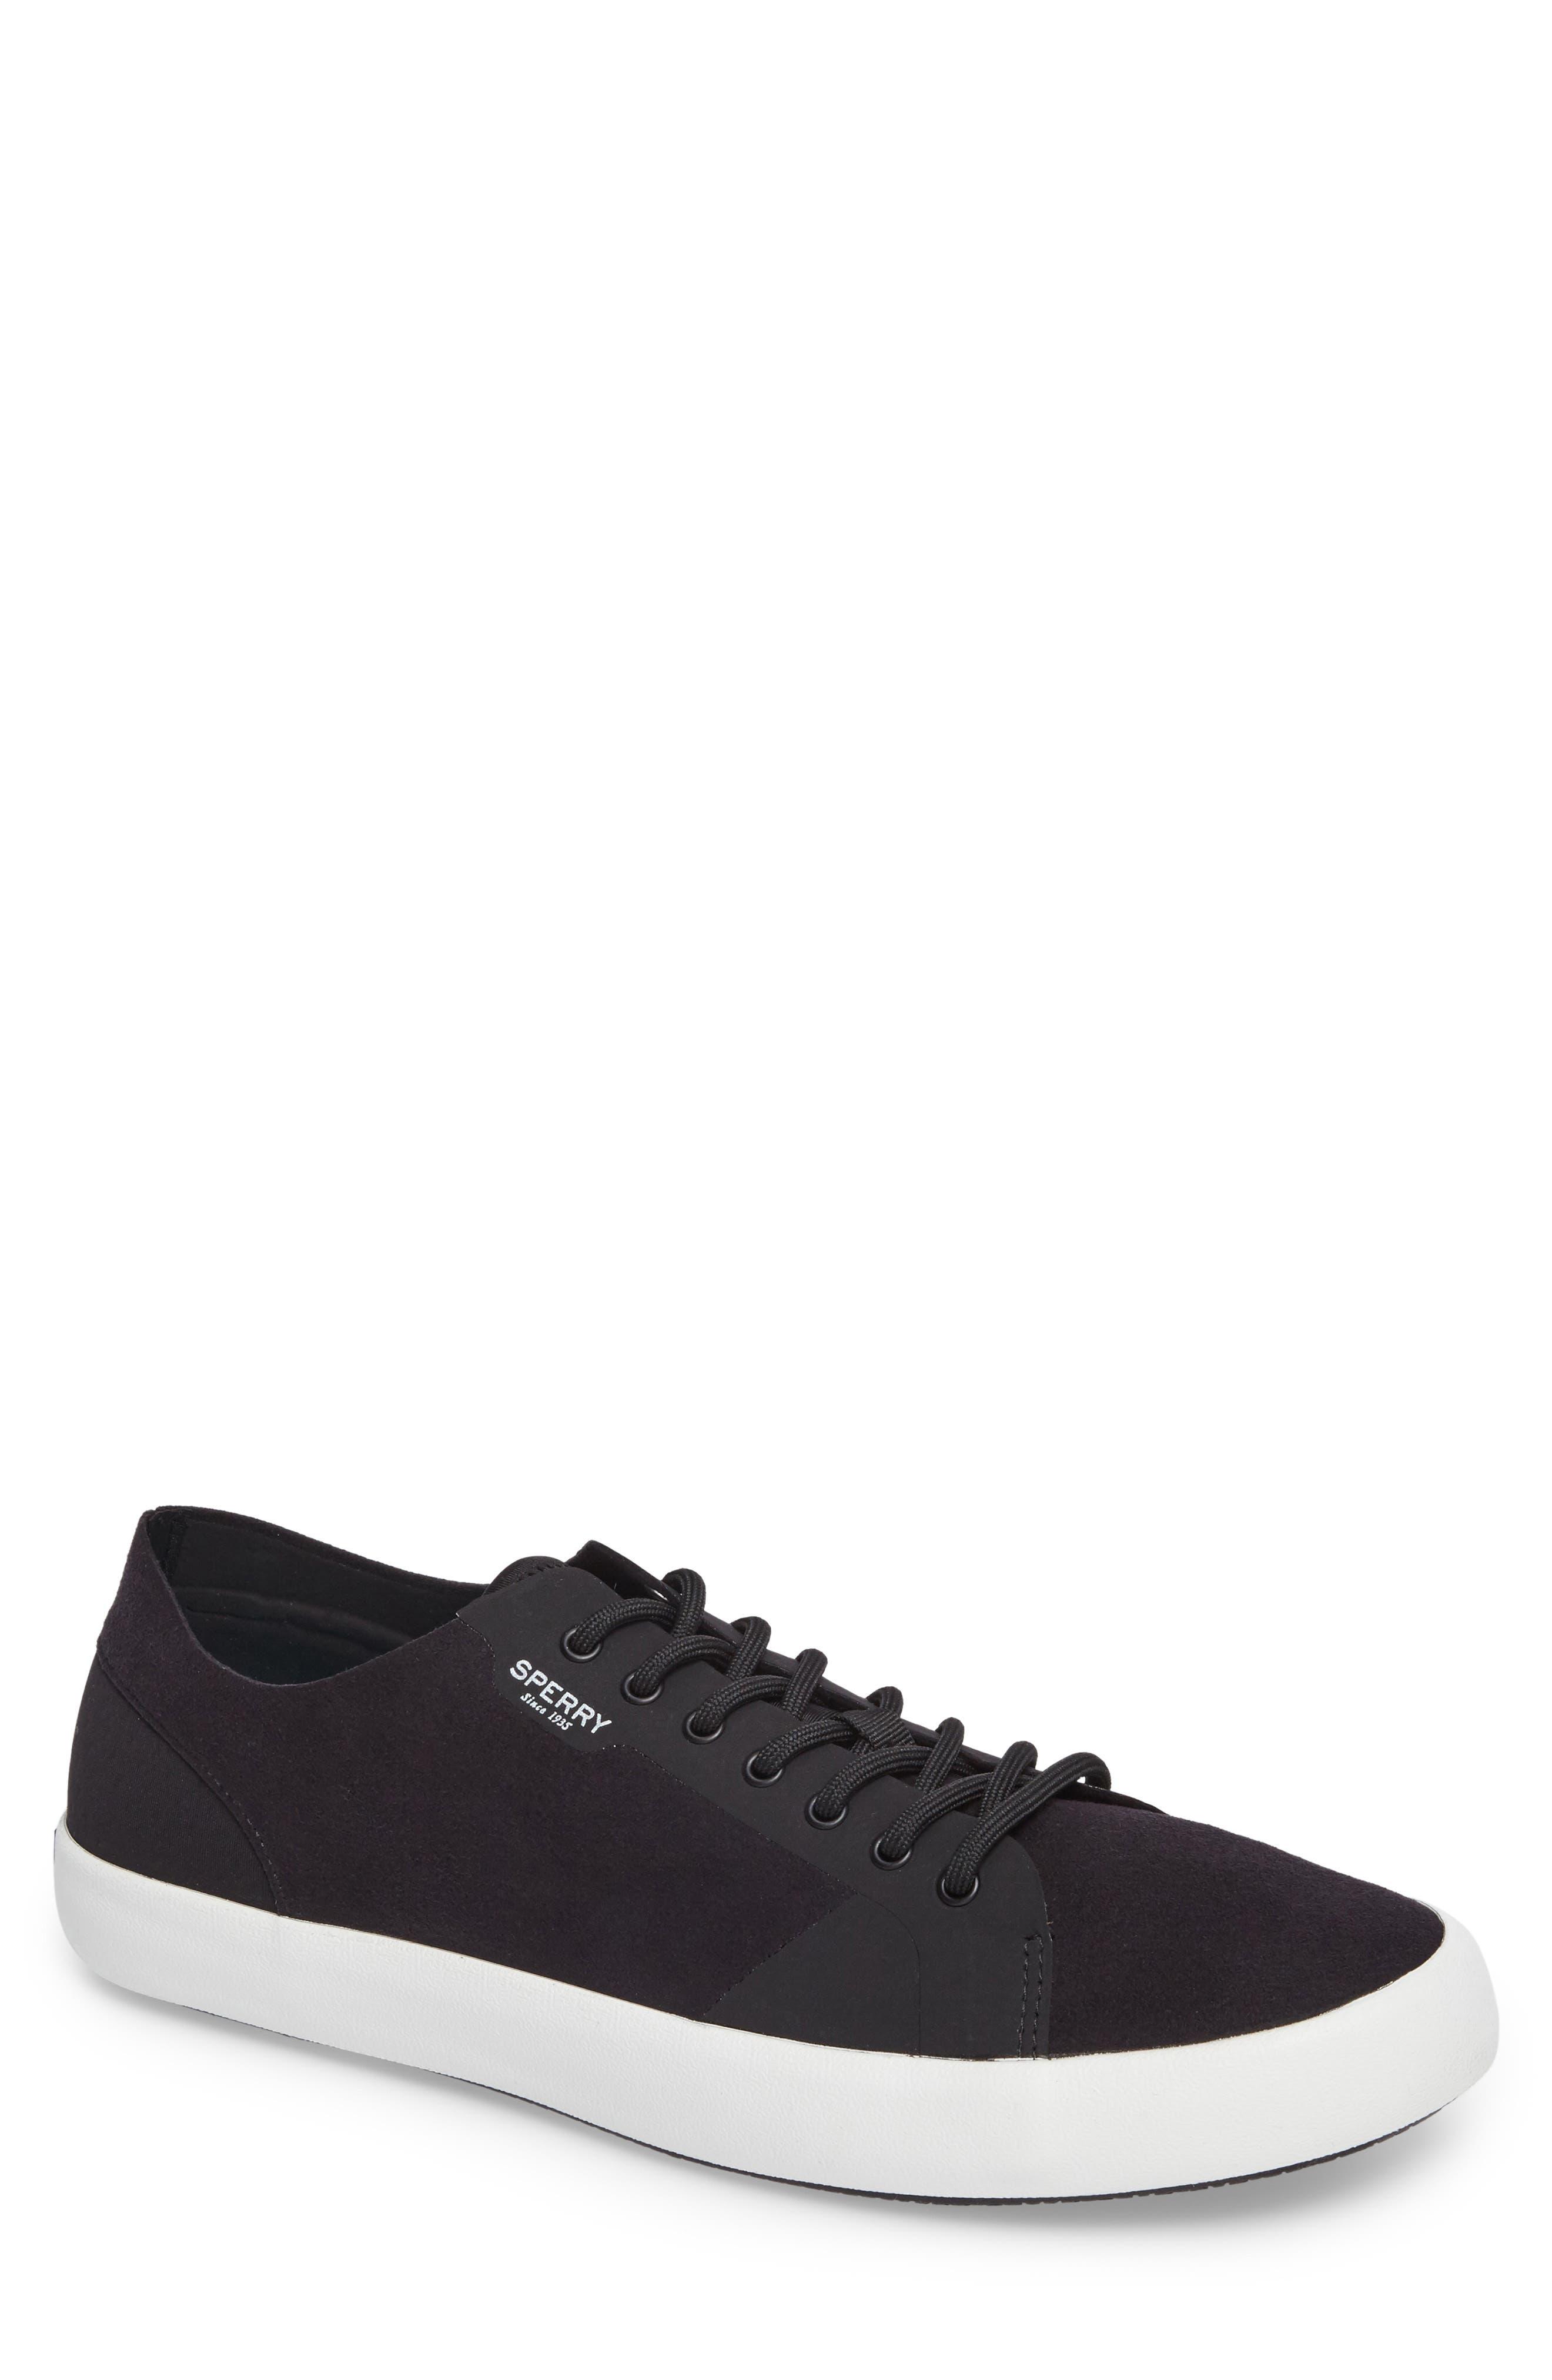 Sperry Flex Deck LTT Sneaker (Men)